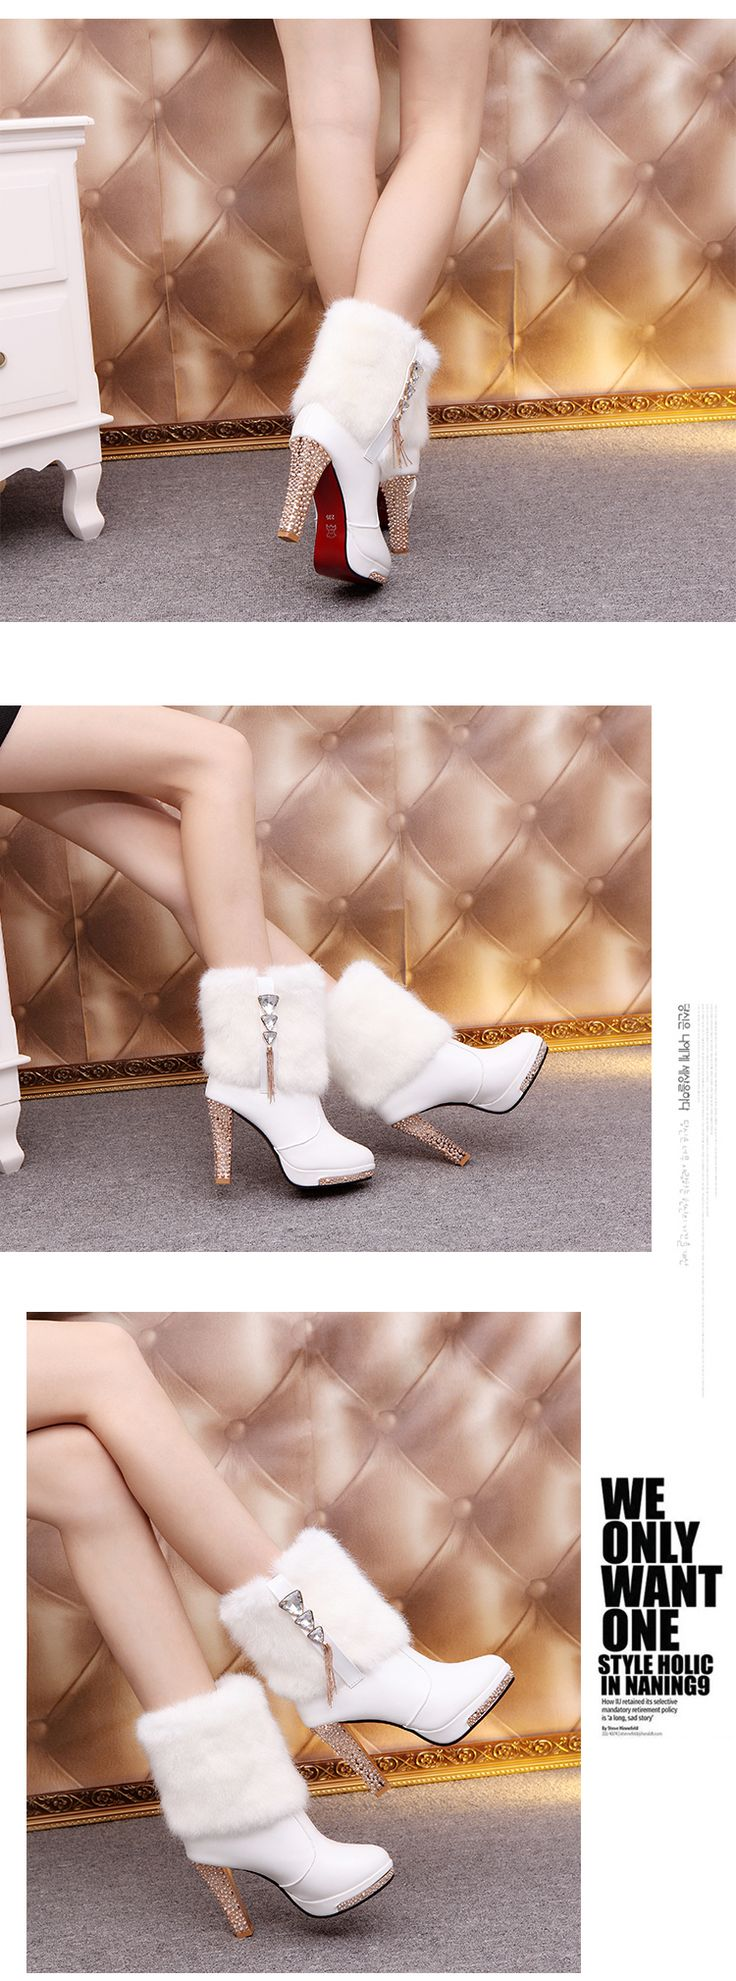 2016 Зимние Меховые Сапоги женские Плюшевые Теплые Ботинки Лодыжки Платформы обуви стороны молнии пряжки Женщина На Высоких Каблуках моды Обувь Черный белый купить на AliExpress